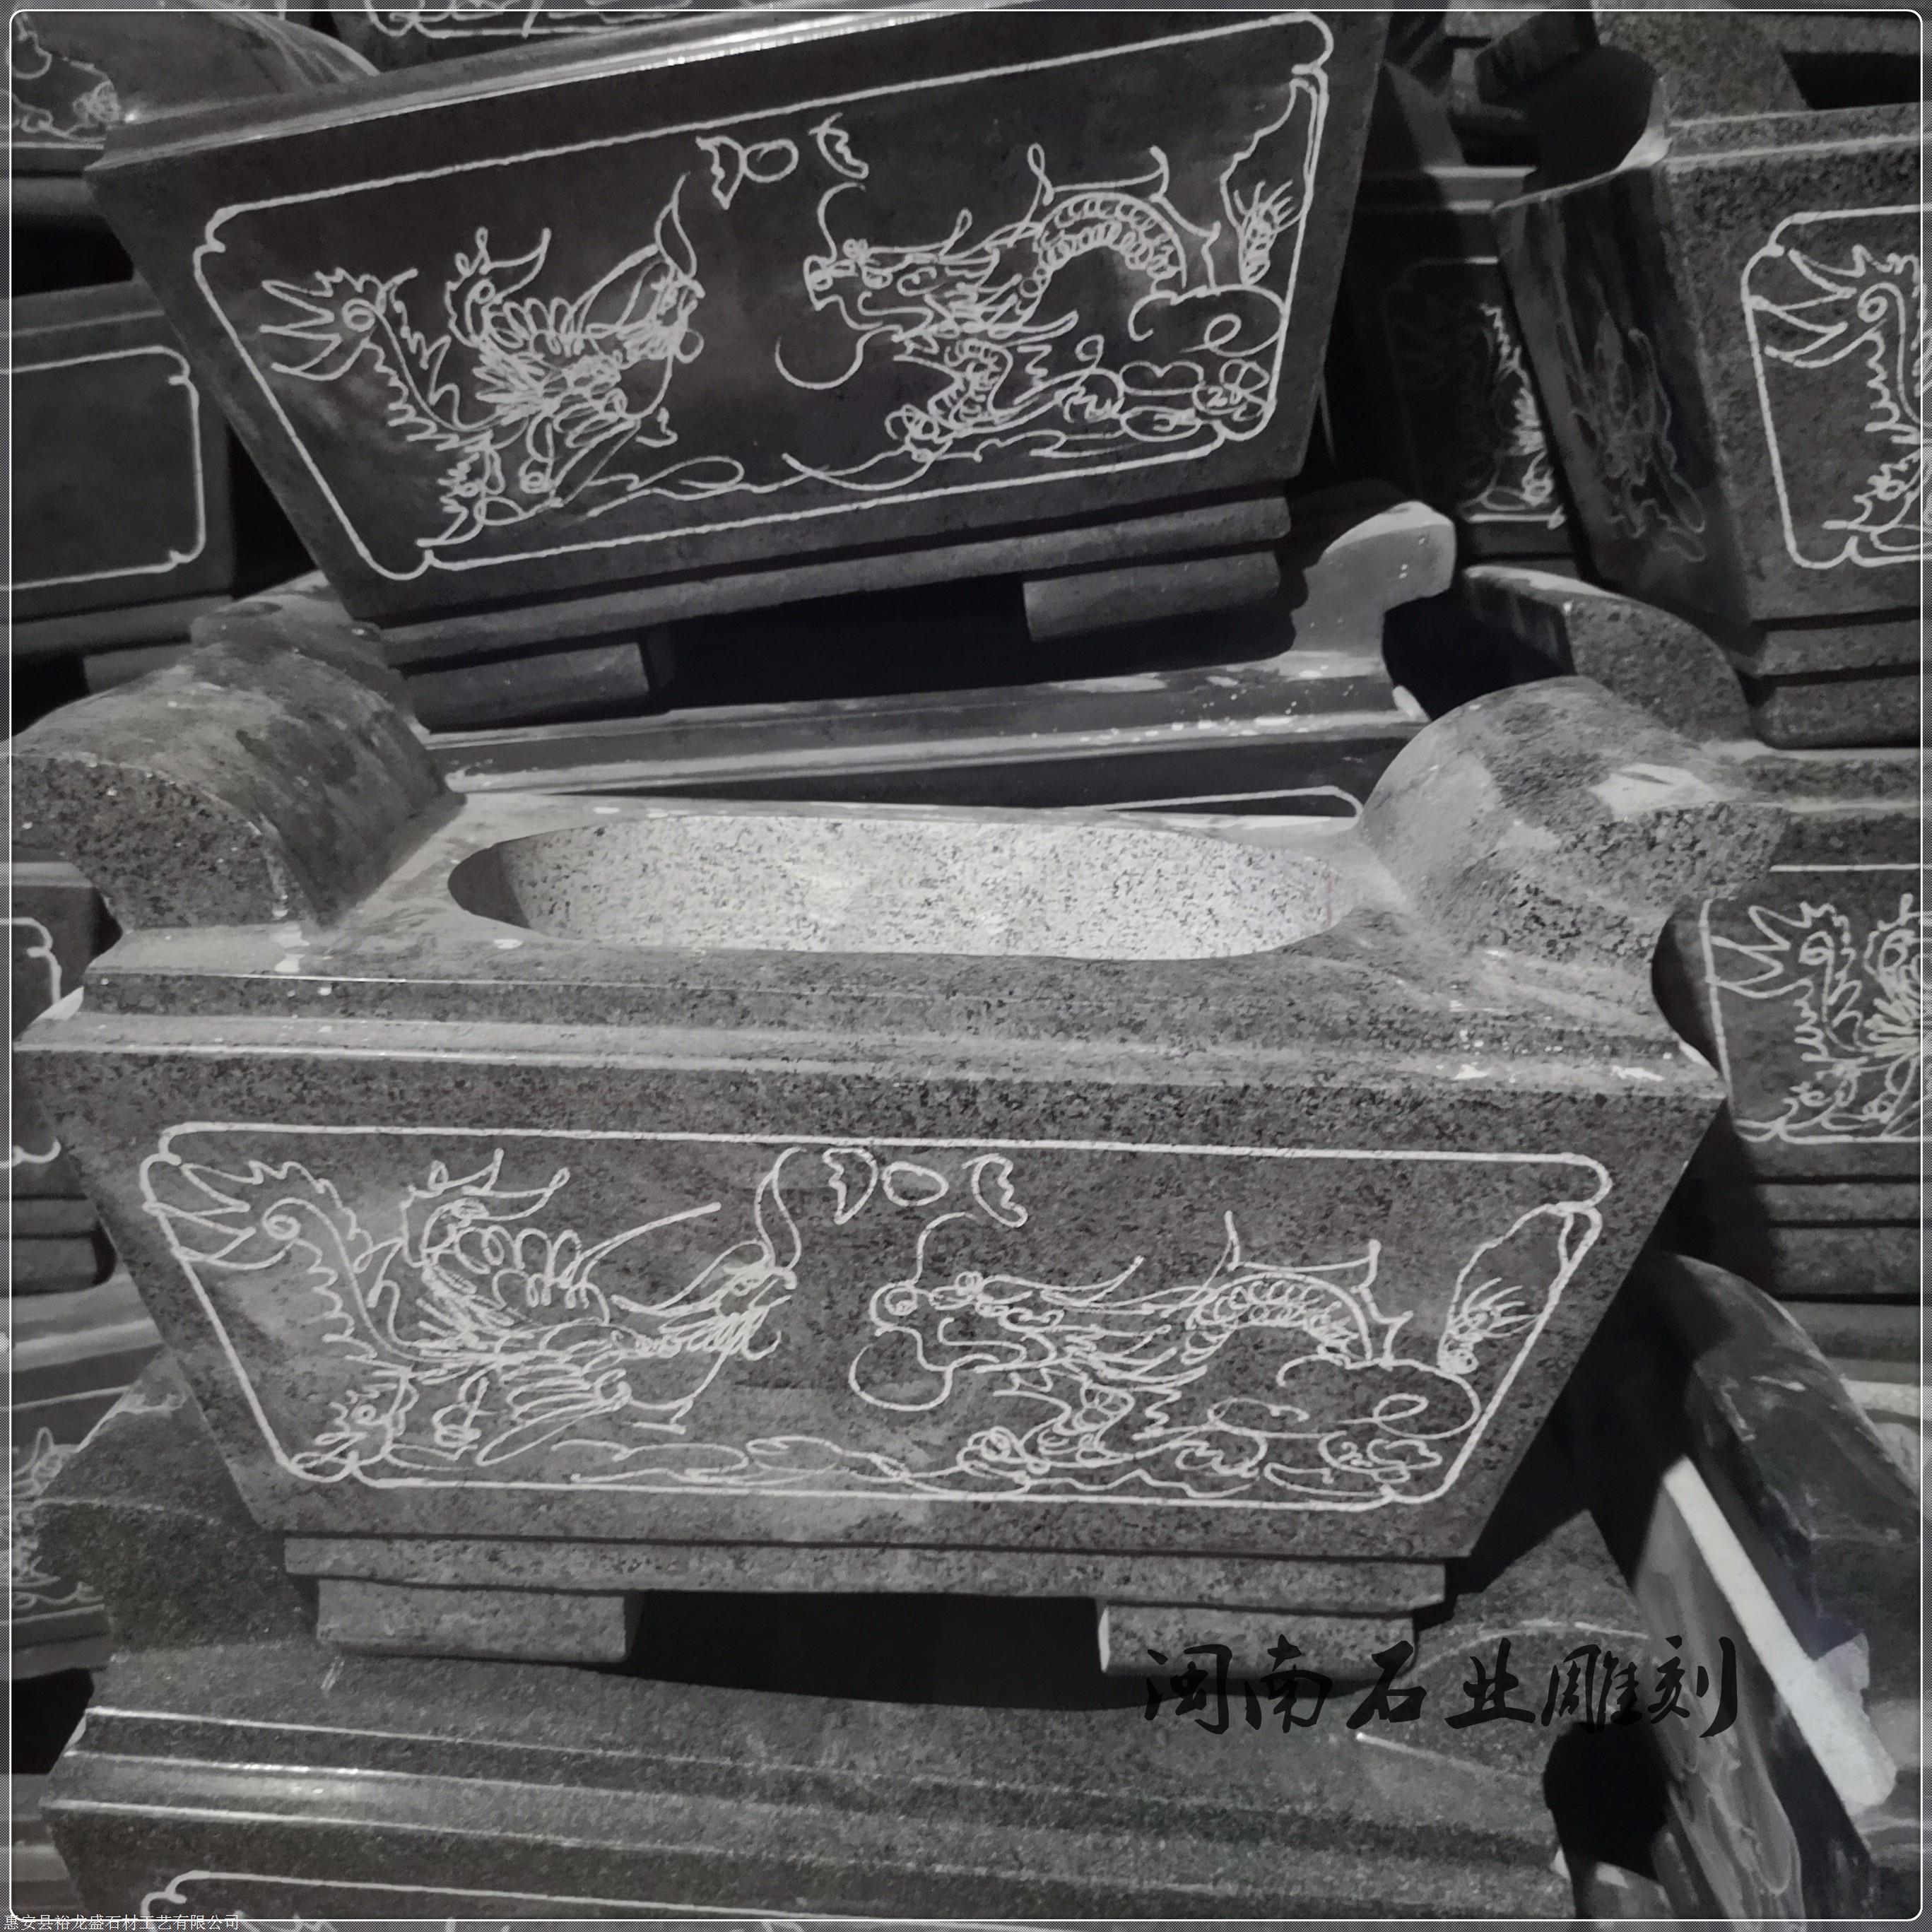 长方形石雕喷鼻炉 长方形喷鼻炉 坟场喷鼻炉